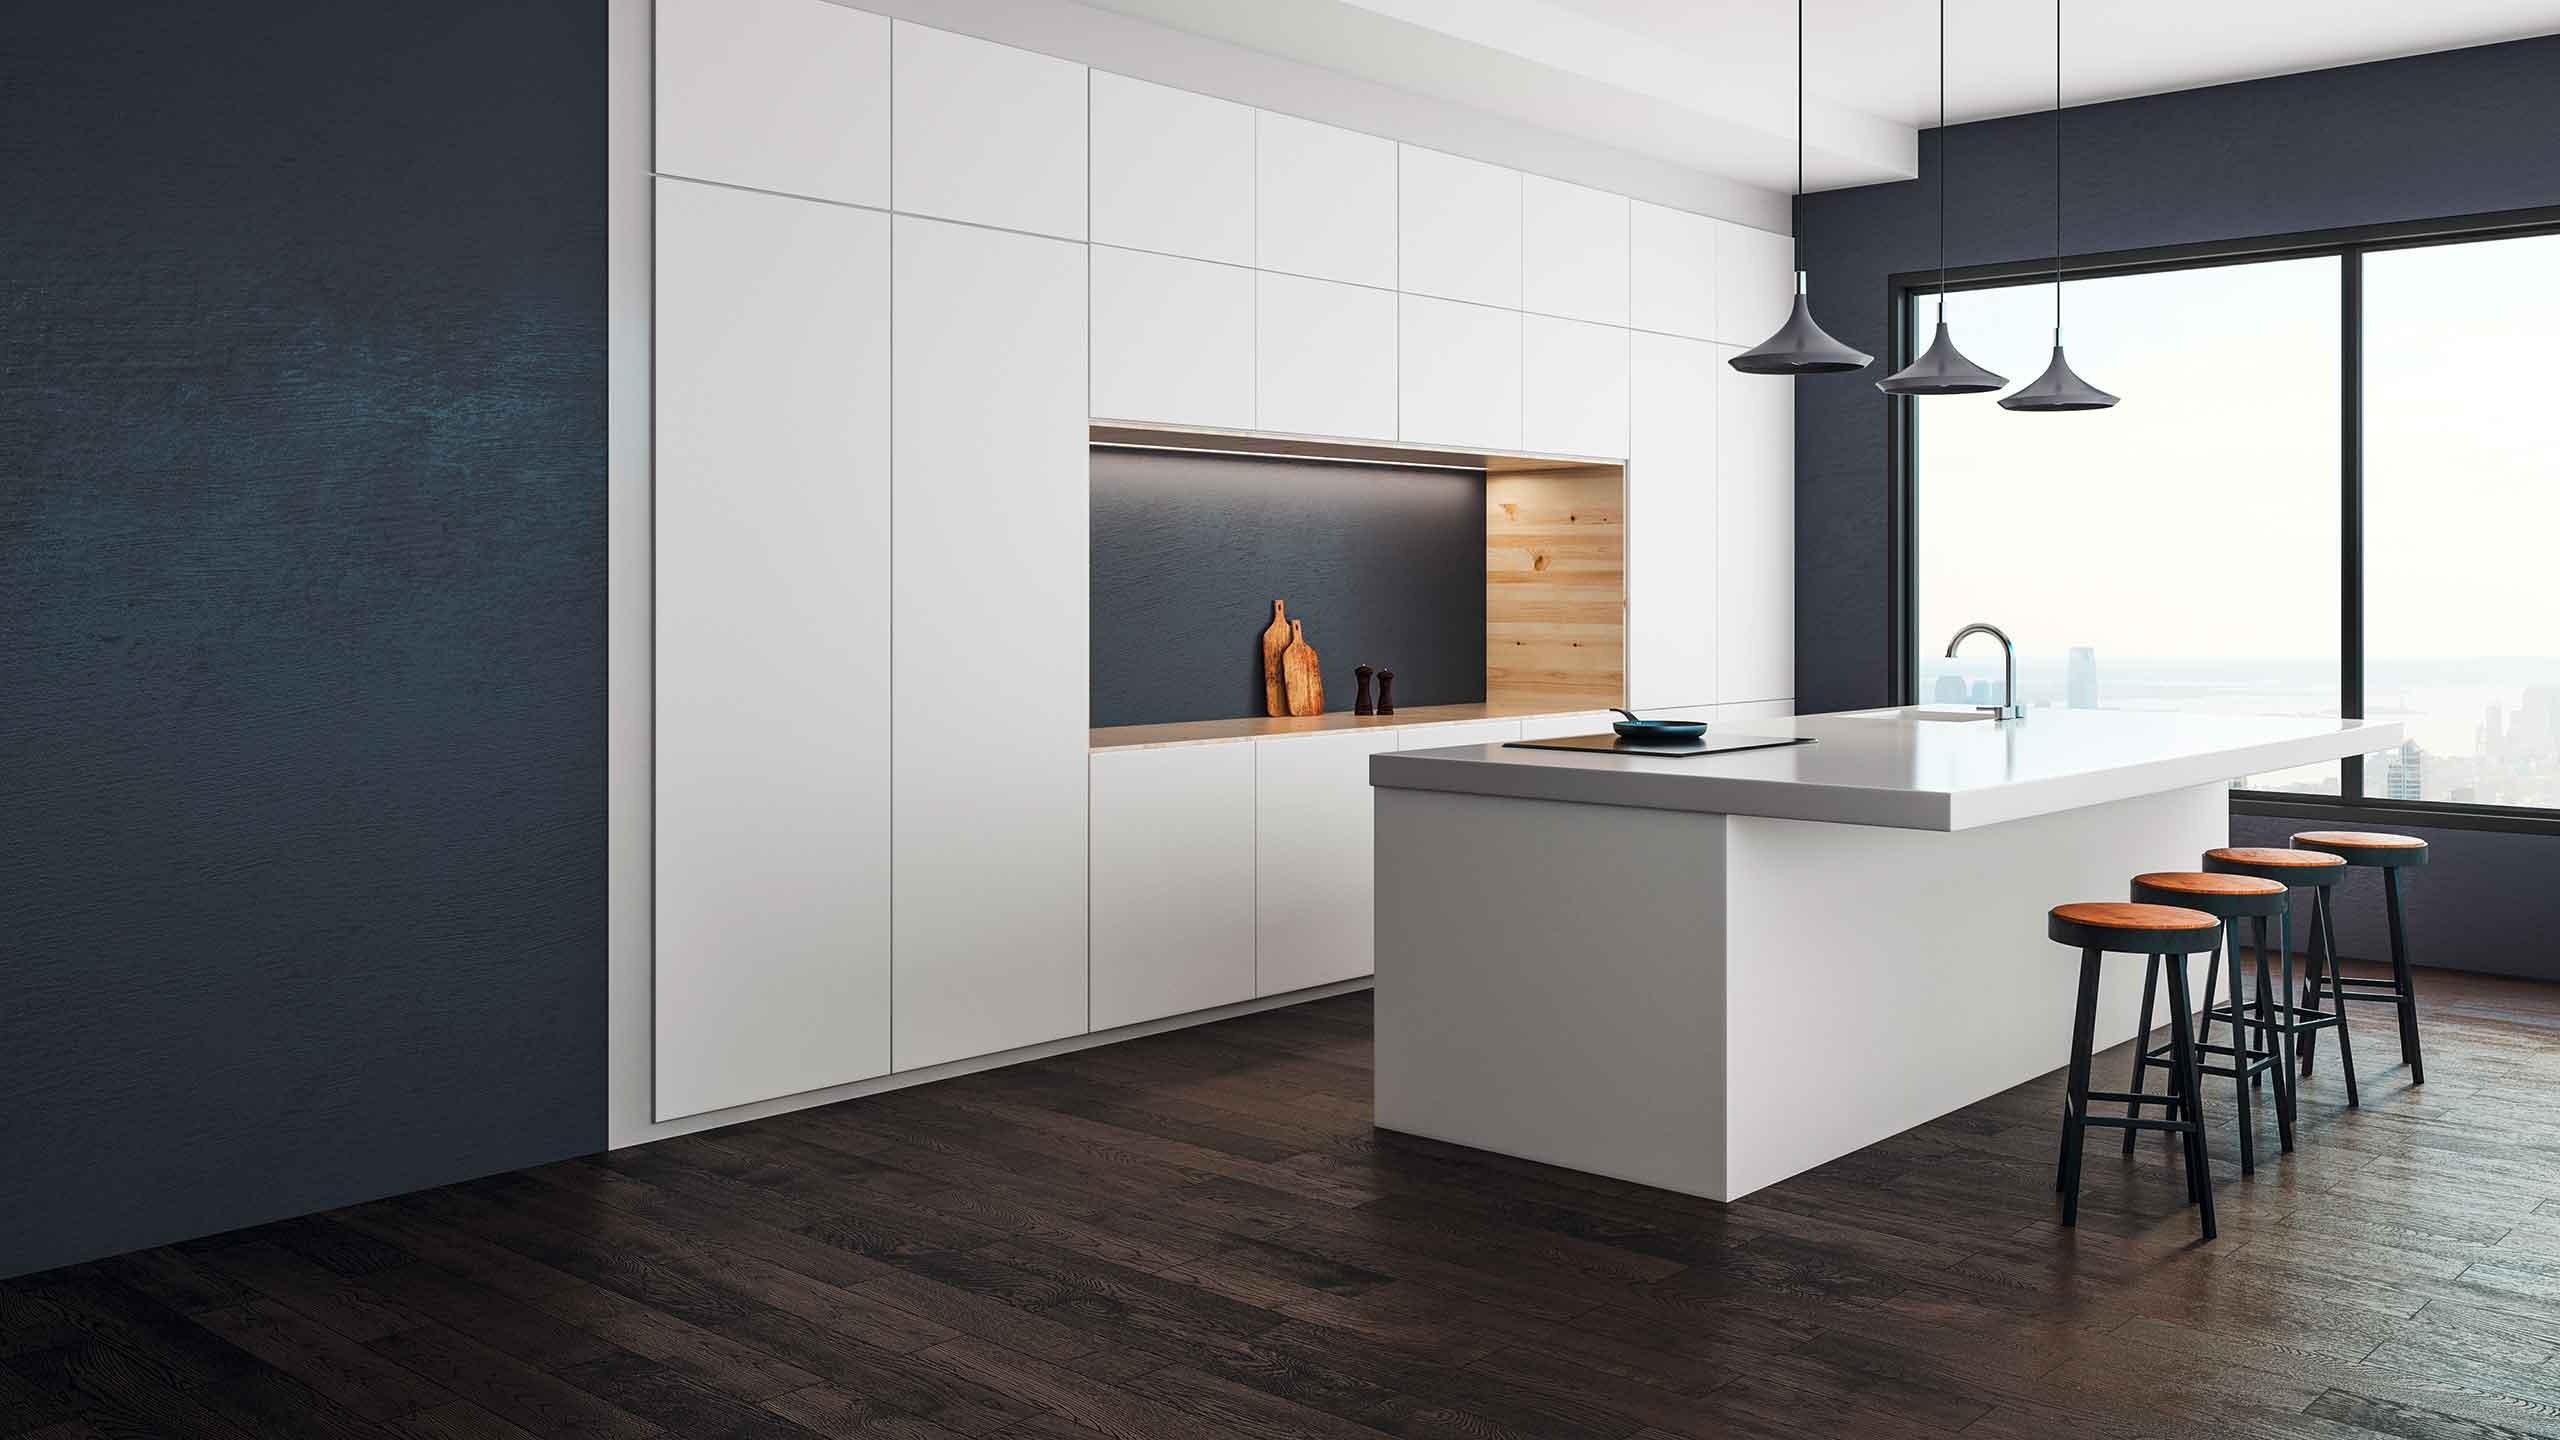 Ebenebild Vinylboden | Produkte Linien Premium | hochwertig Küche